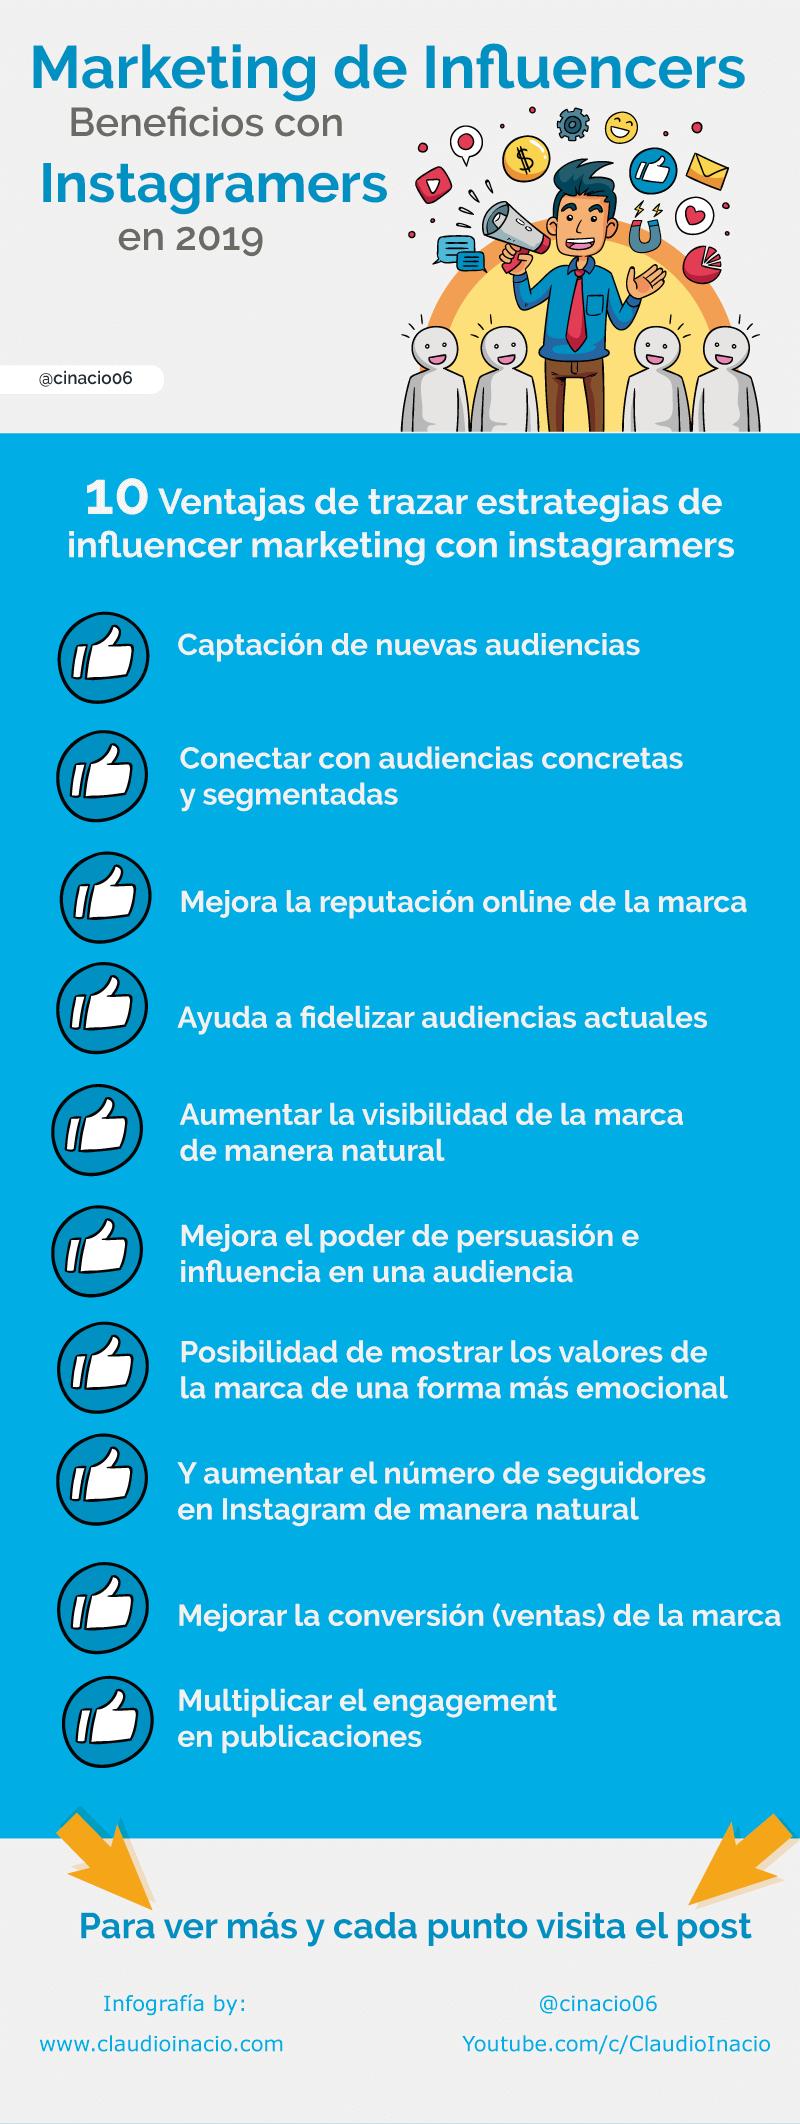 infografias con ventajas del marketing de influencers en instagram con estrategias de influencer marketing con instagramers